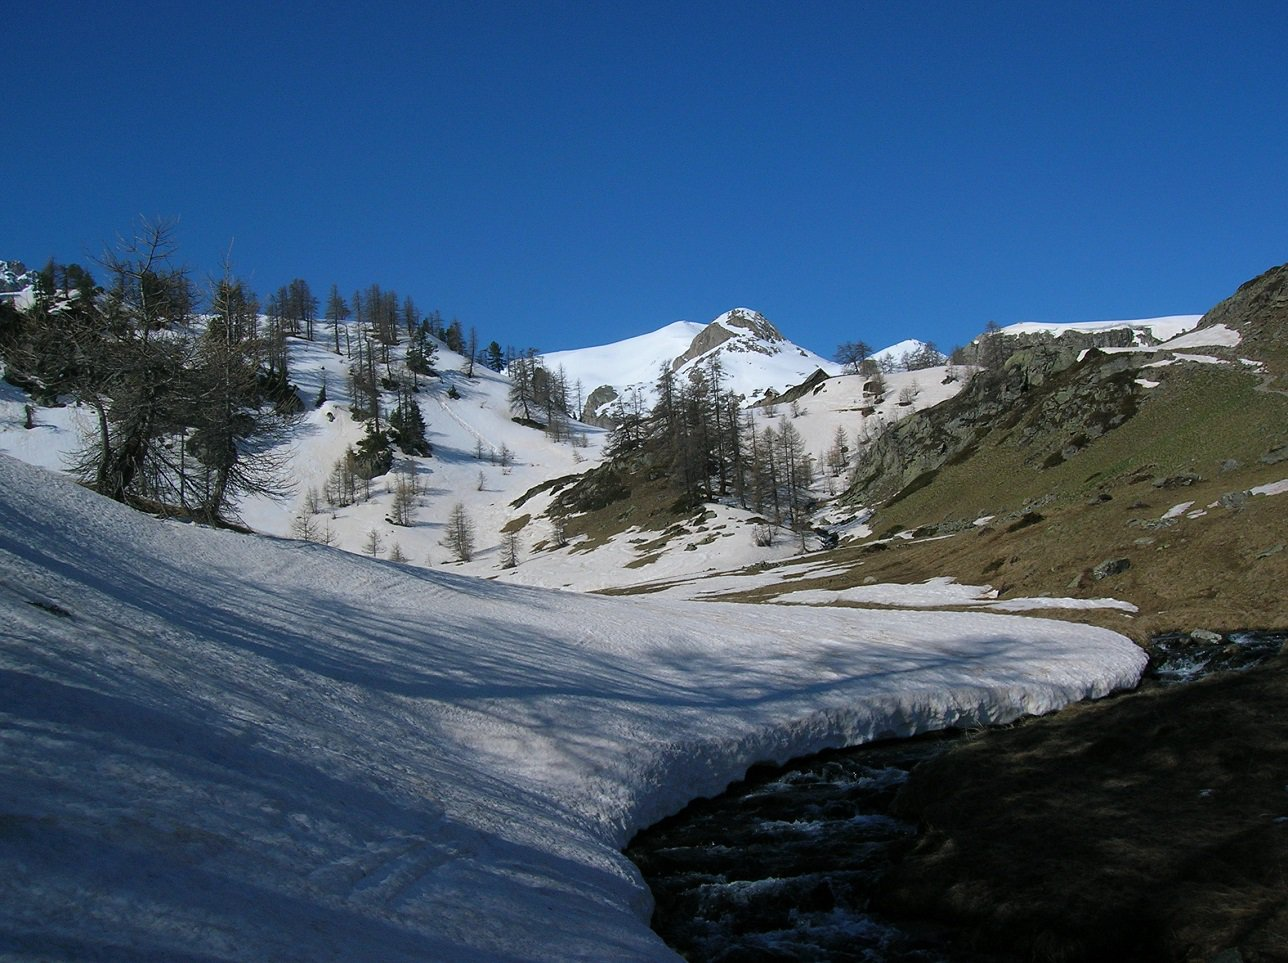 neve continua in prossimità del rifugio